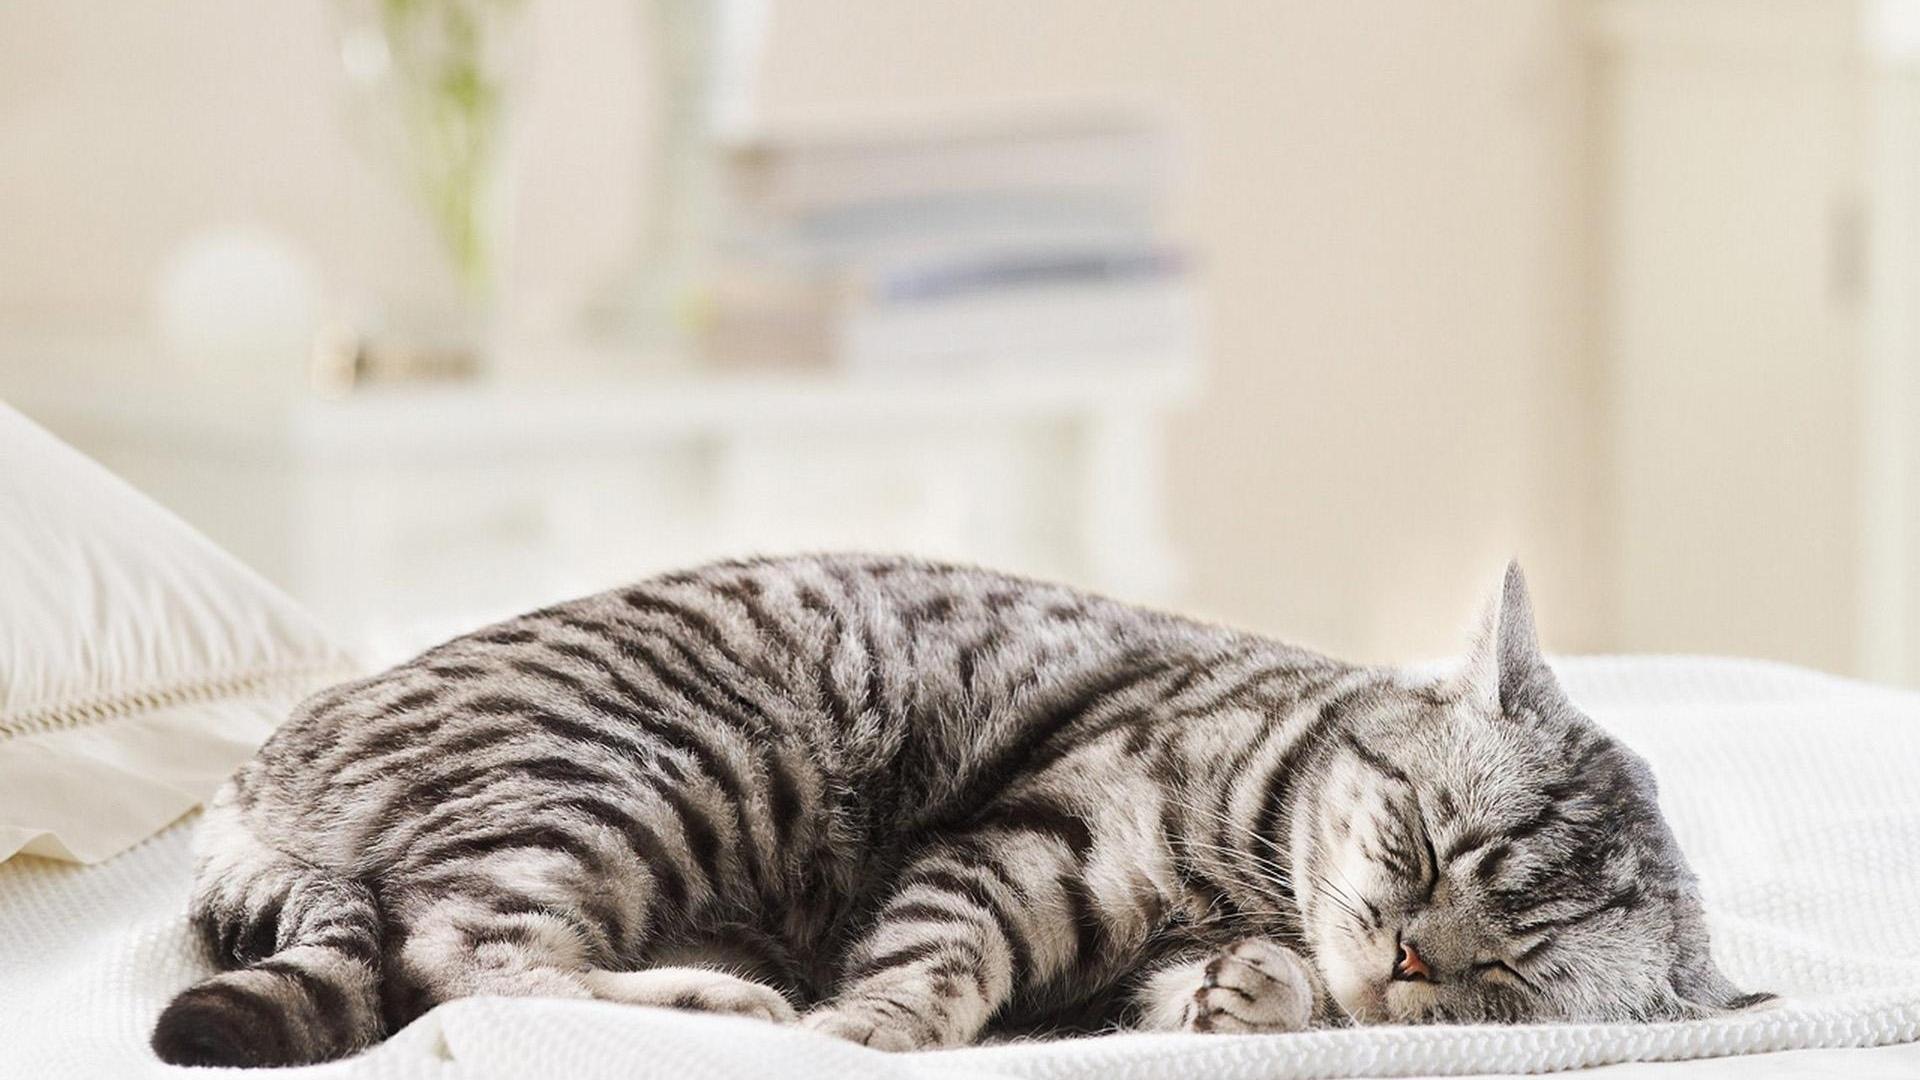 Взрослая кошка начала гадить на кровать. Почему котенок гадит на кровать. Какие могут быть причины того, что питомец гадит на кровать